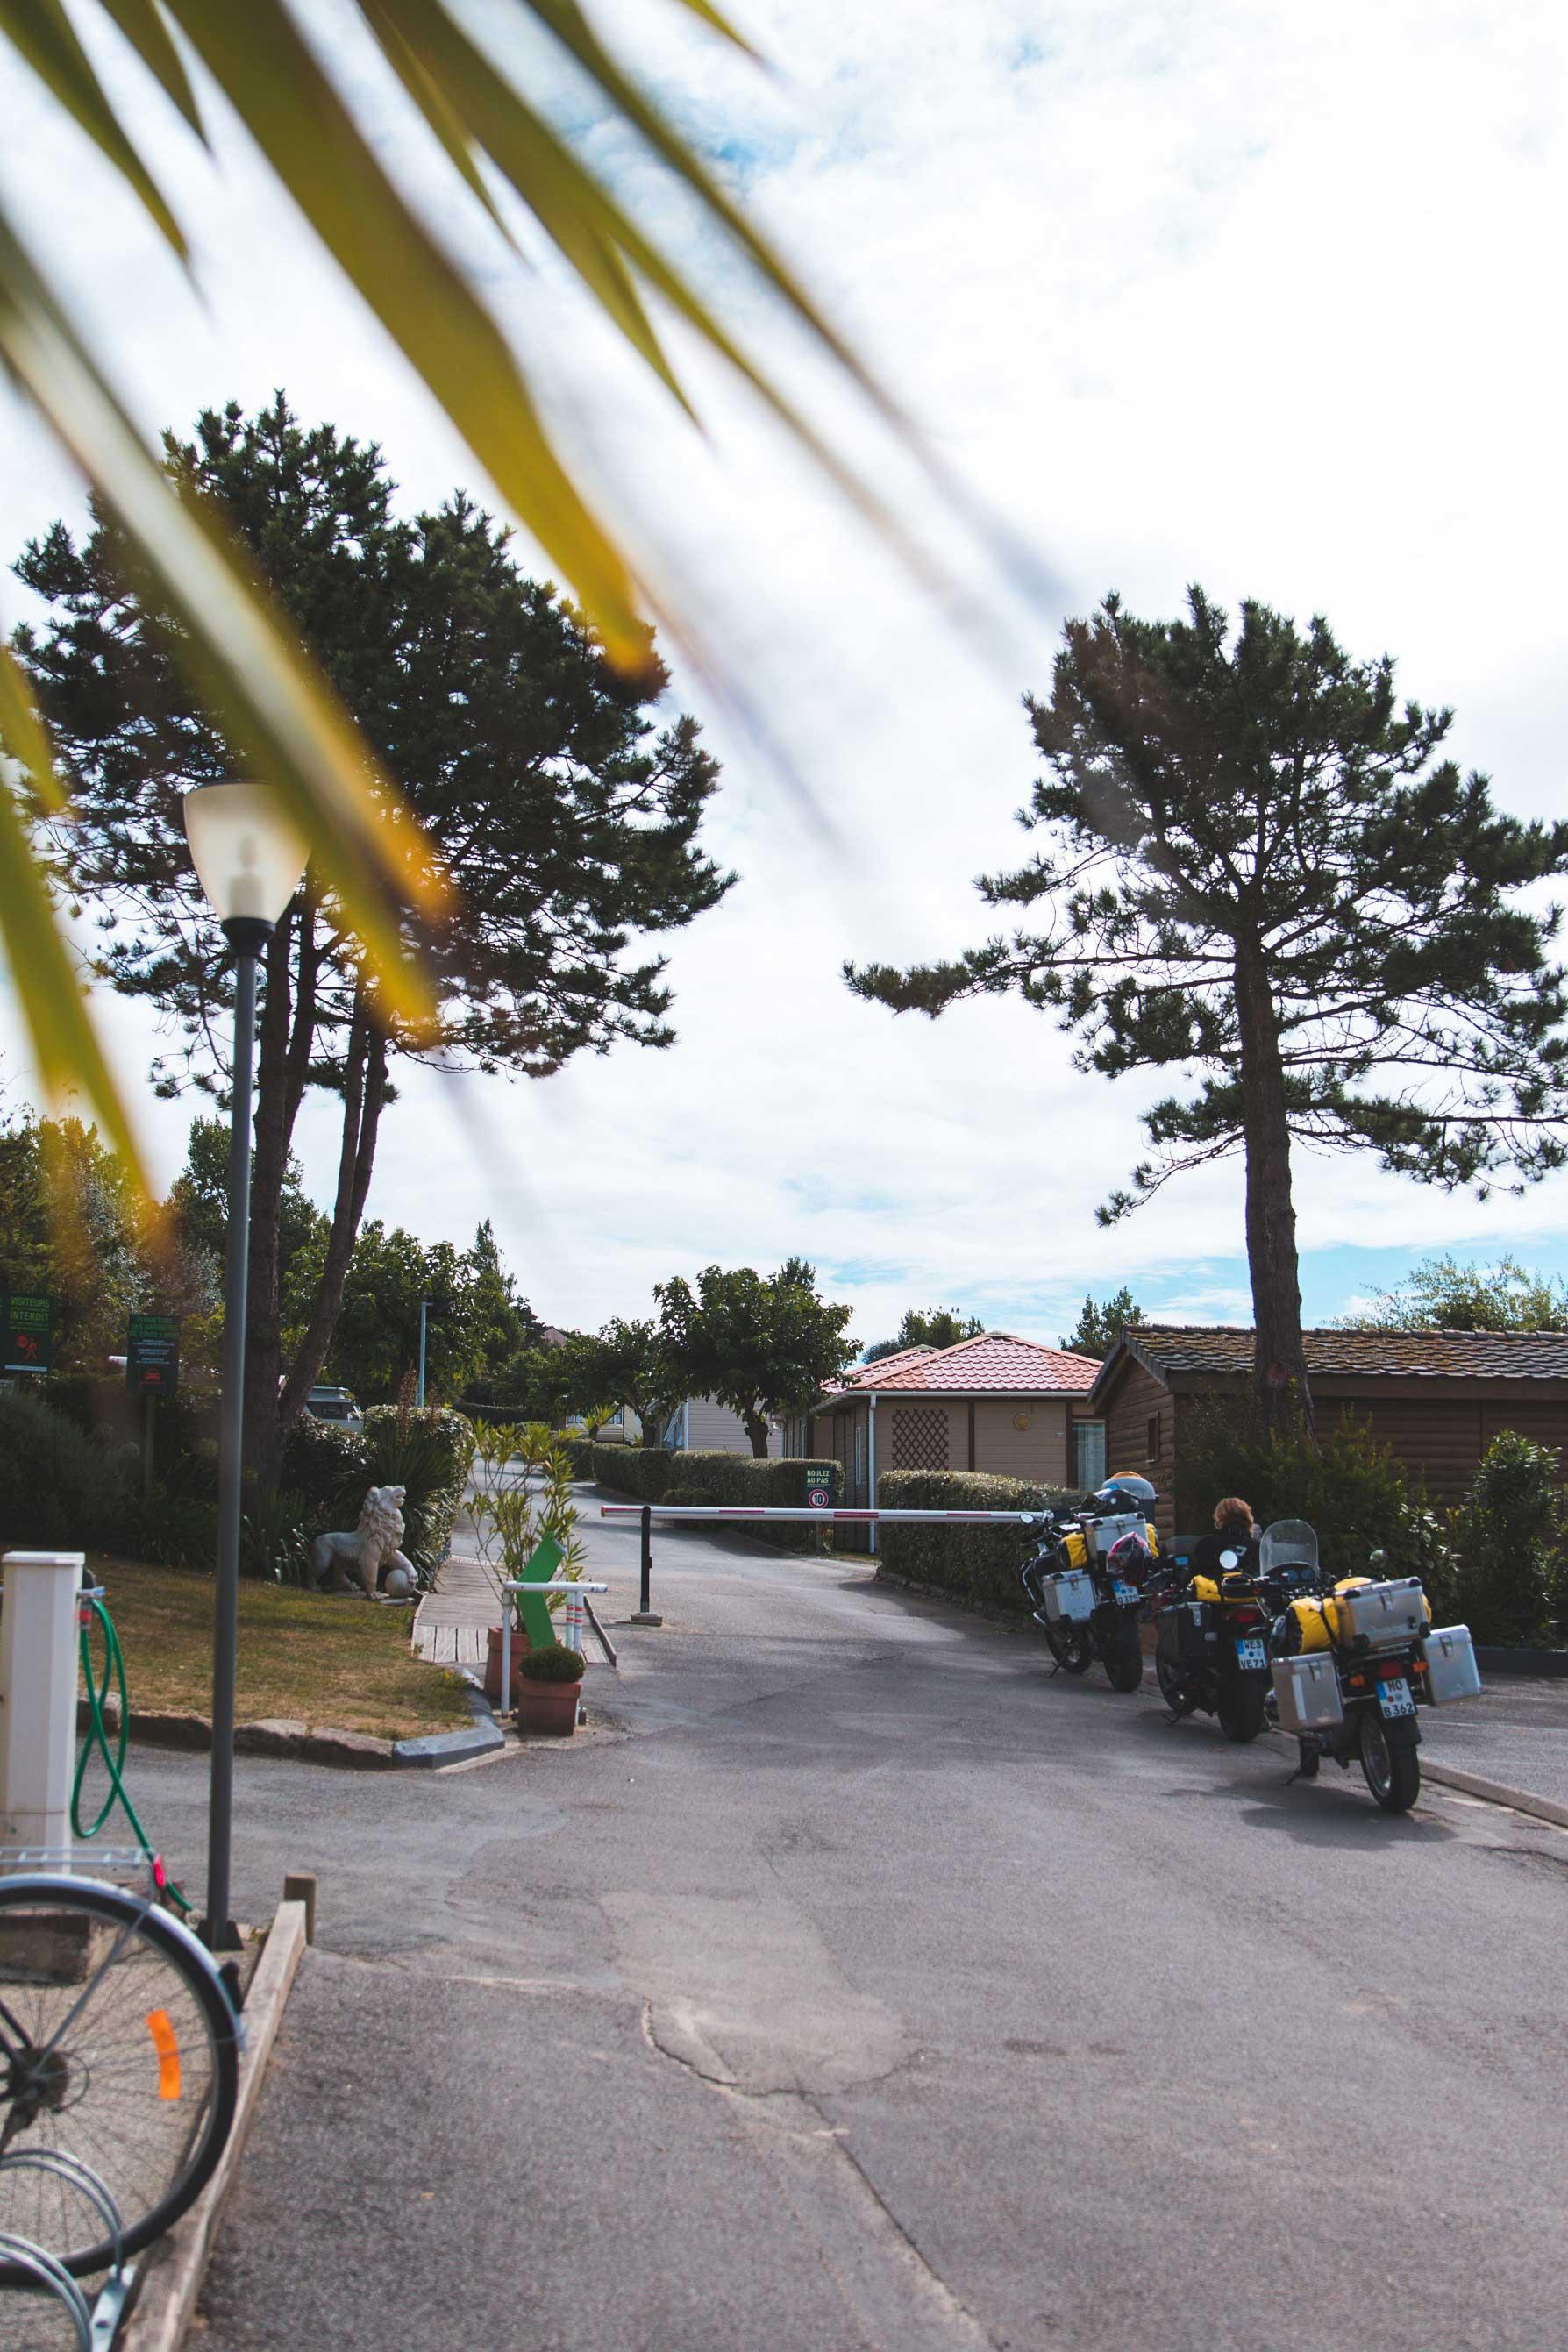 Camping de L'iroise - Plomodierne (finistère, Bretagne, France)